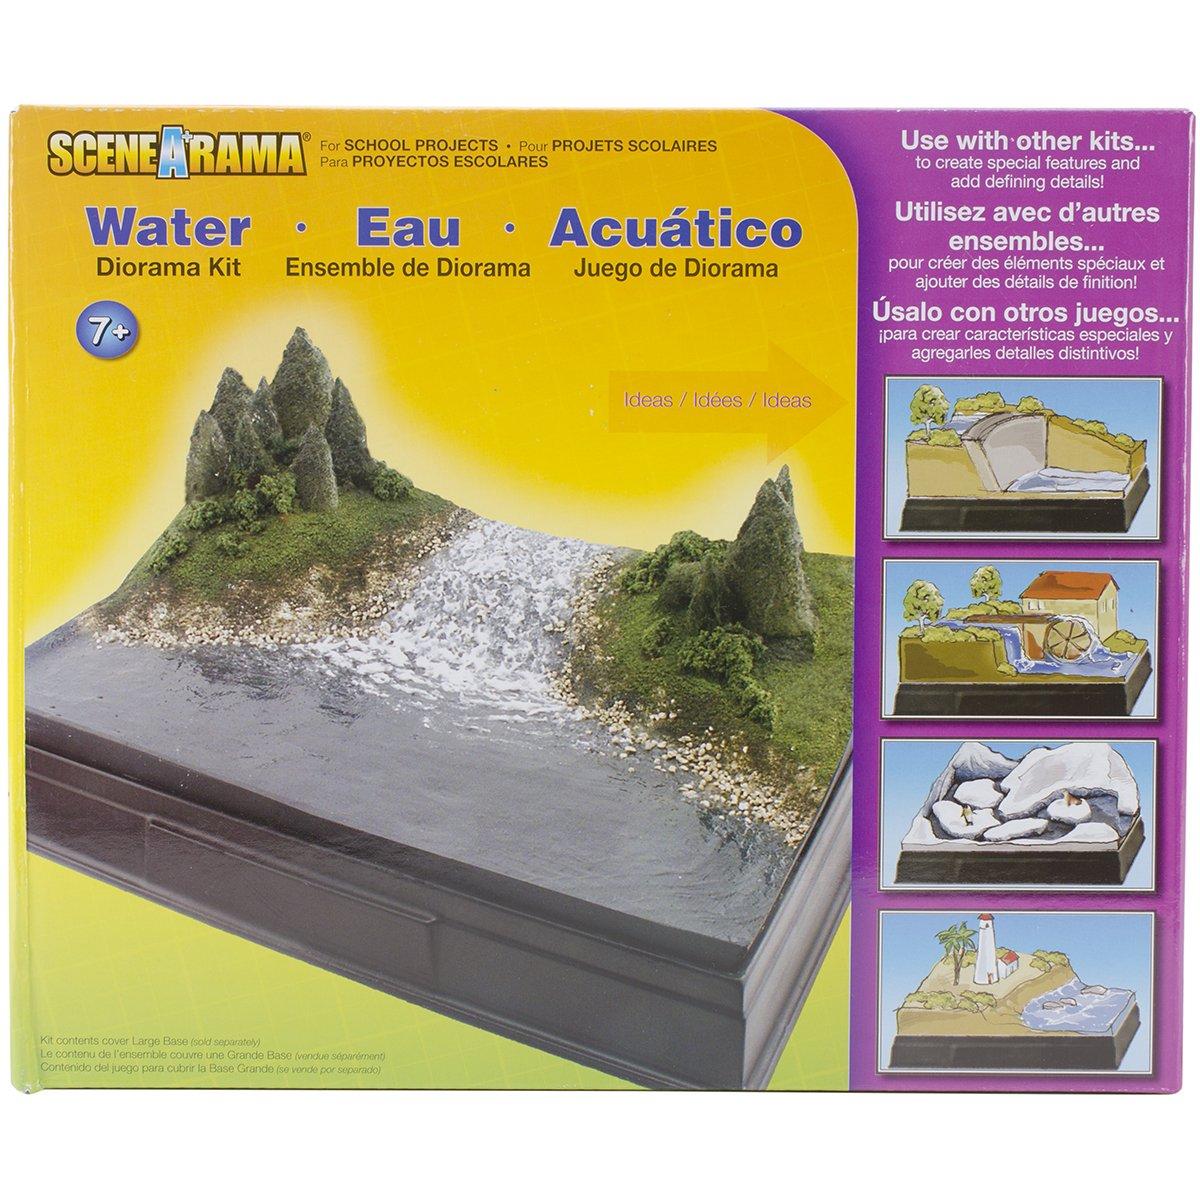 Woodland Scenics SP4113 Scene-A-Rama Water Diorama Kit, Multicolor